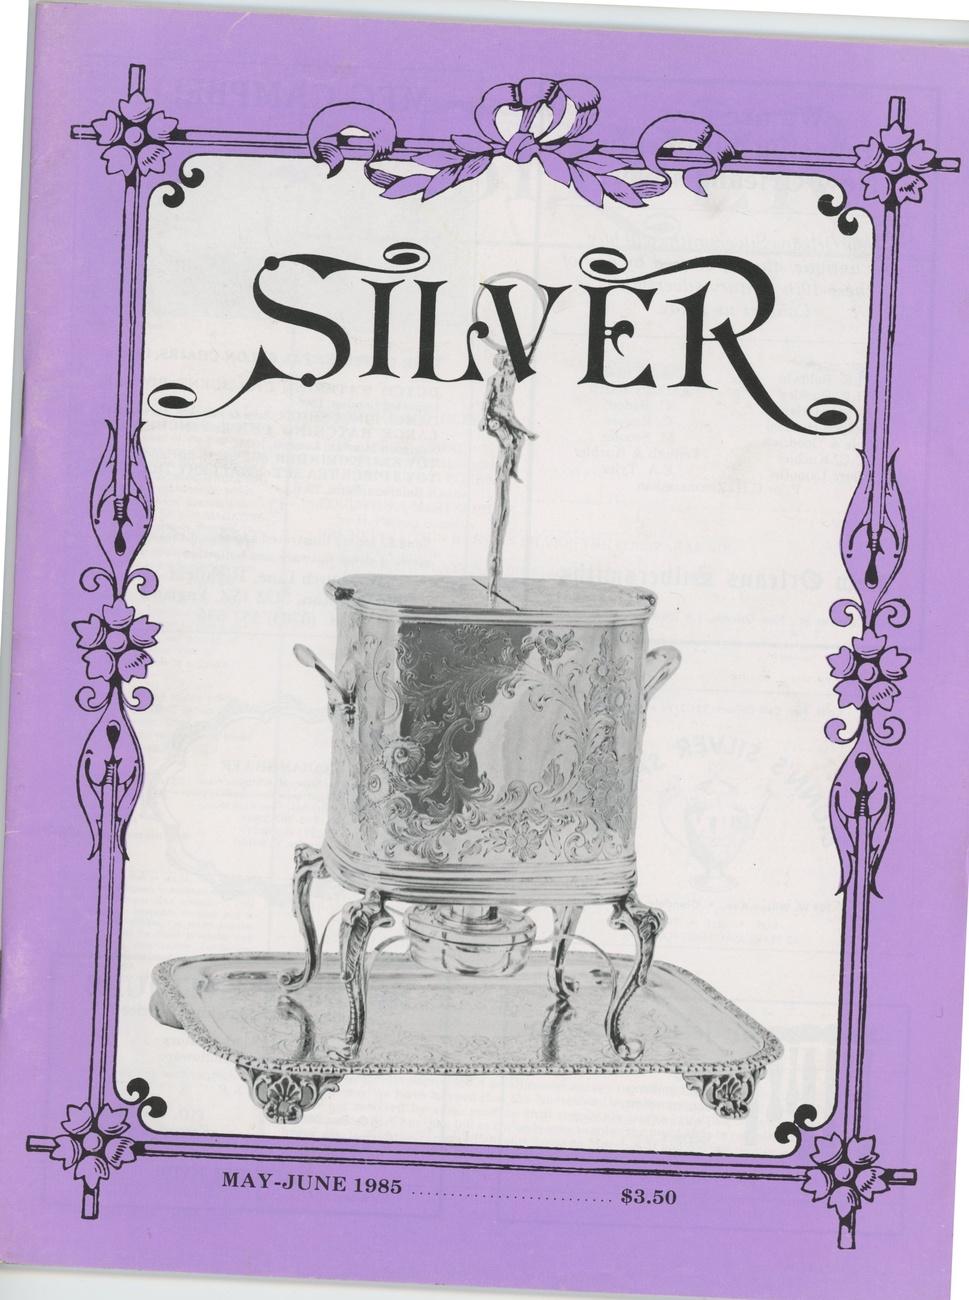 Silvermagmay85